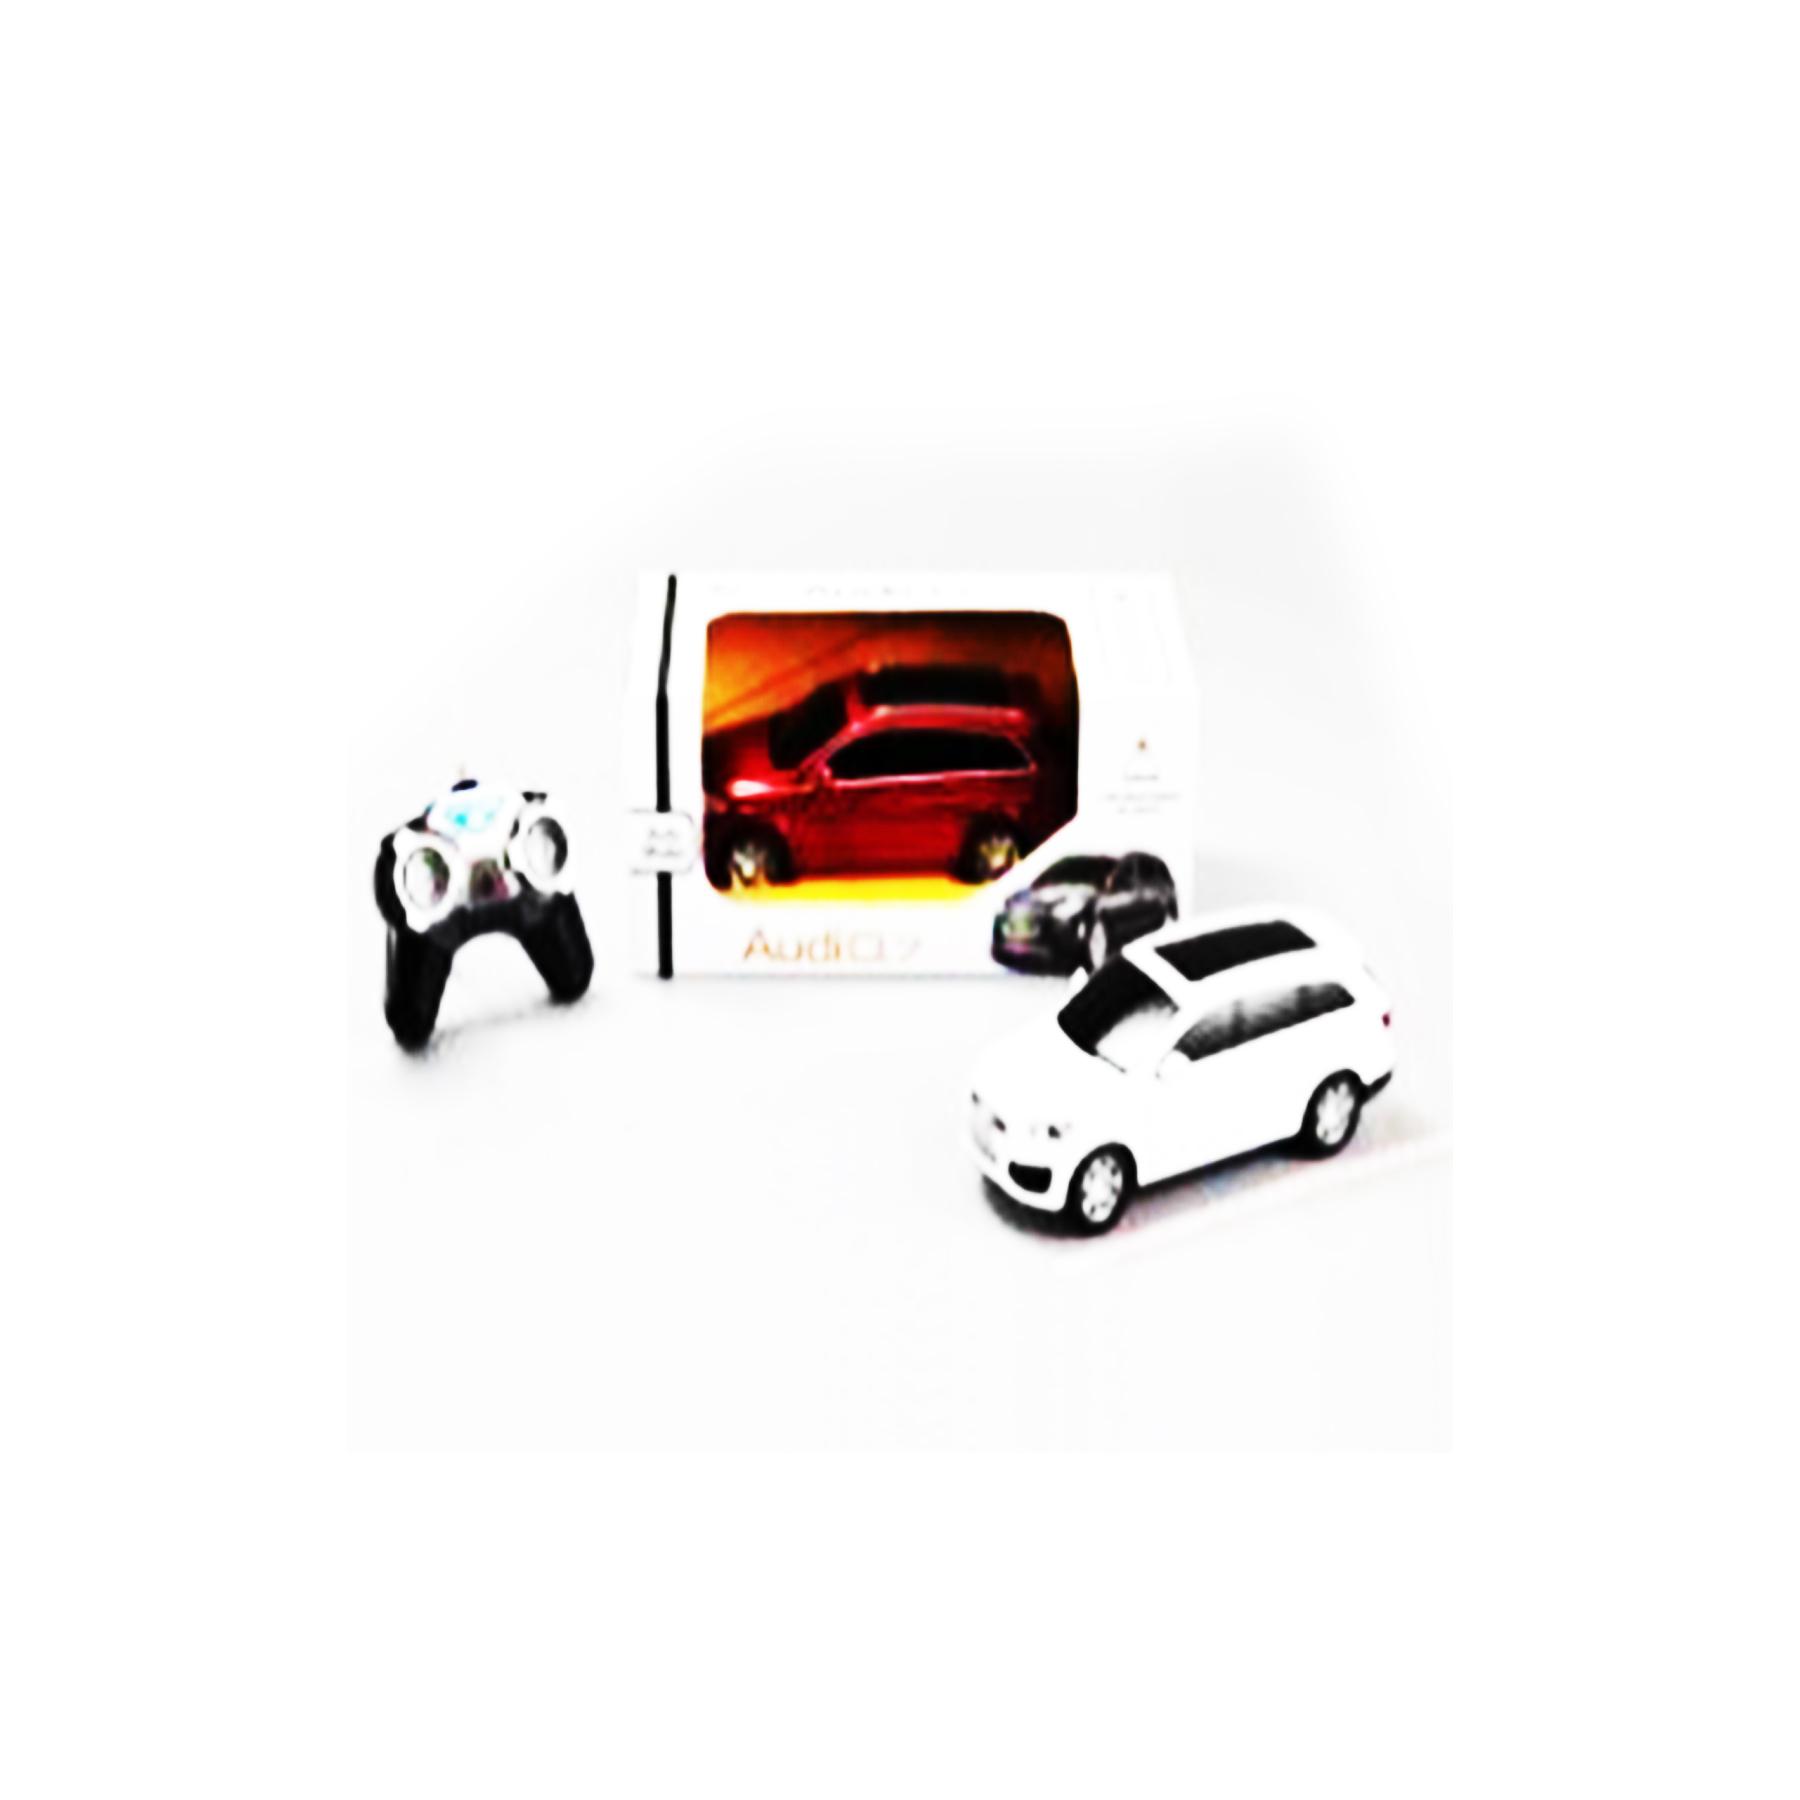 Автомобиль пластмассовый на Р/У модель Audi Q7  300411 (376033)